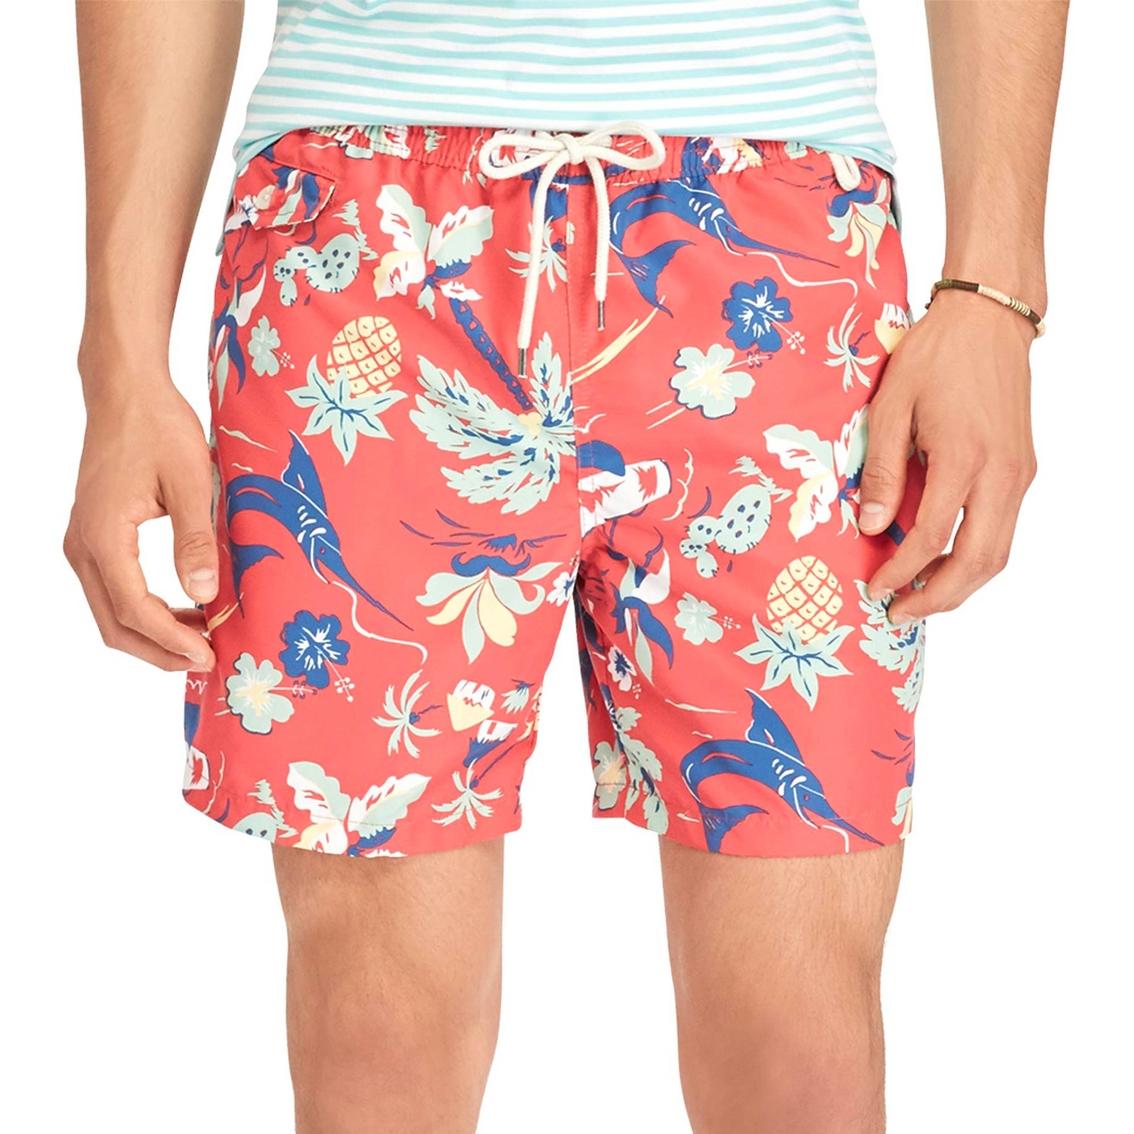 4421ee9eec7e5 Polo Ralph Lauren 5.75 In. Traveler Swim Trunk | Polo Ralph Lauren ...